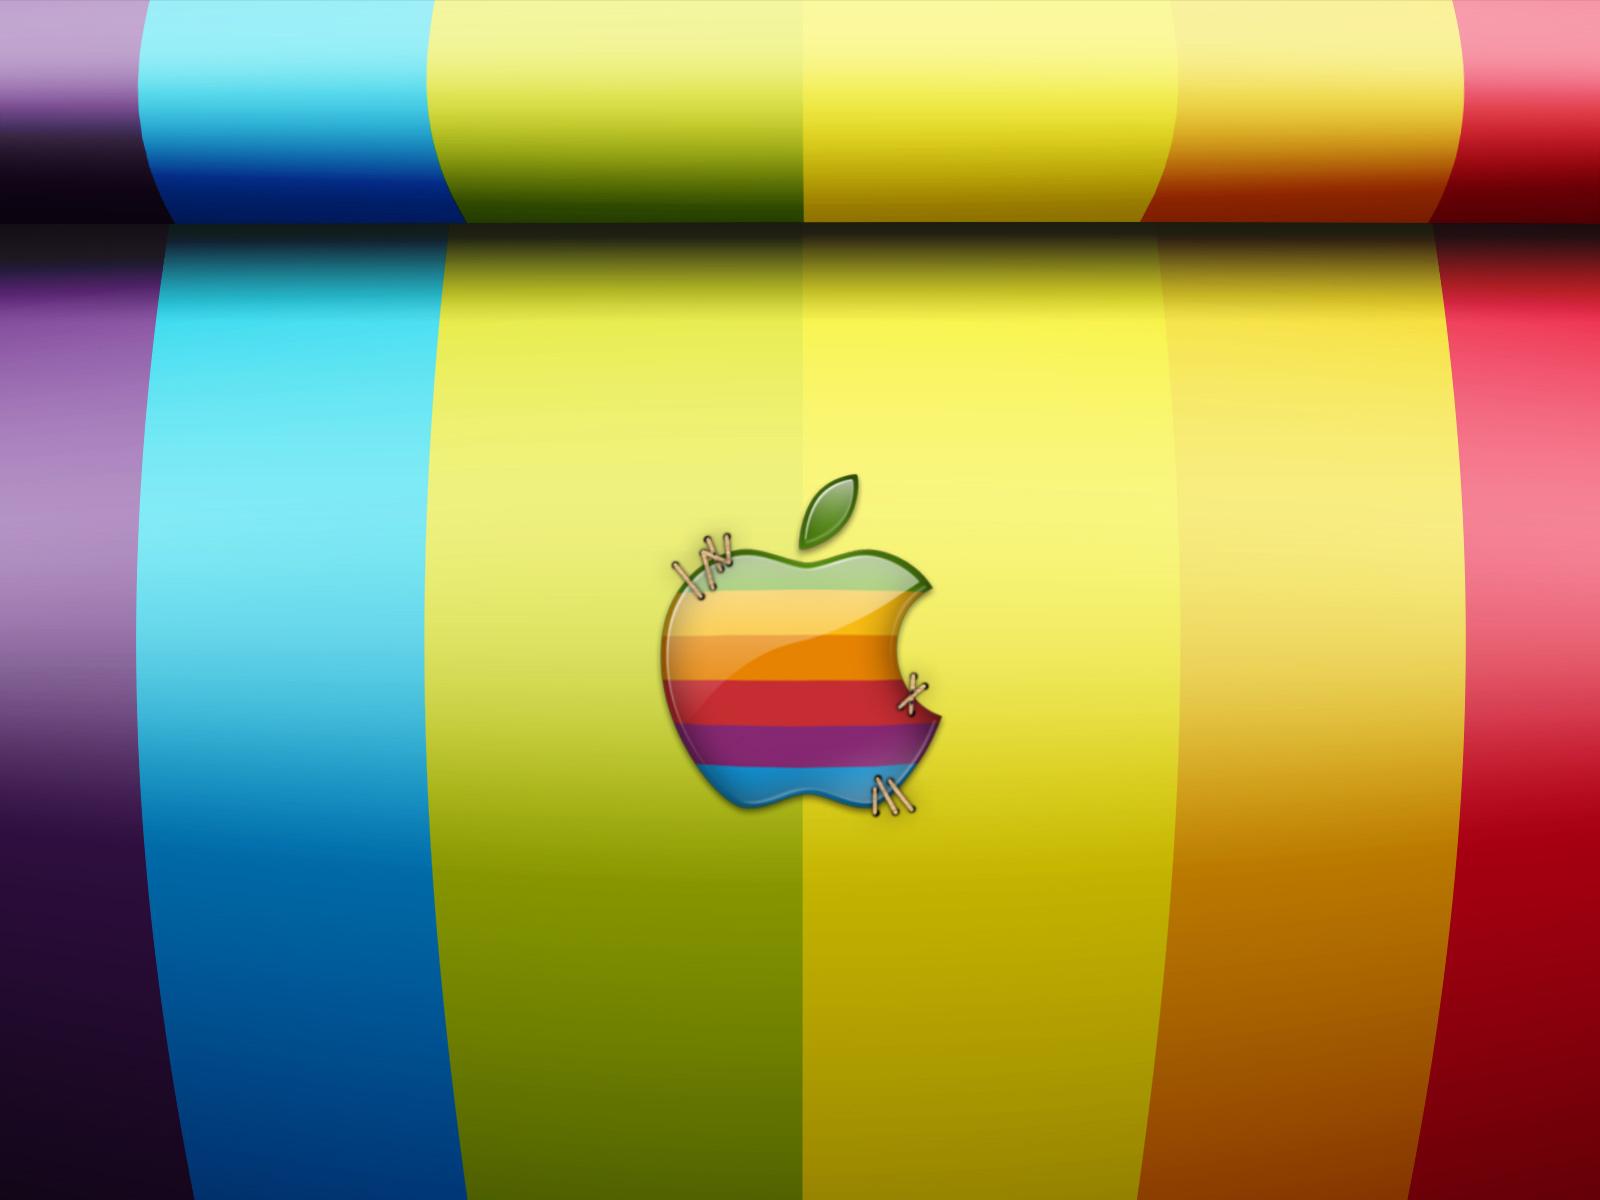 Apple Mac OS Wallpaper High Quality WallpapersWallpaper Desktop 1600x1200